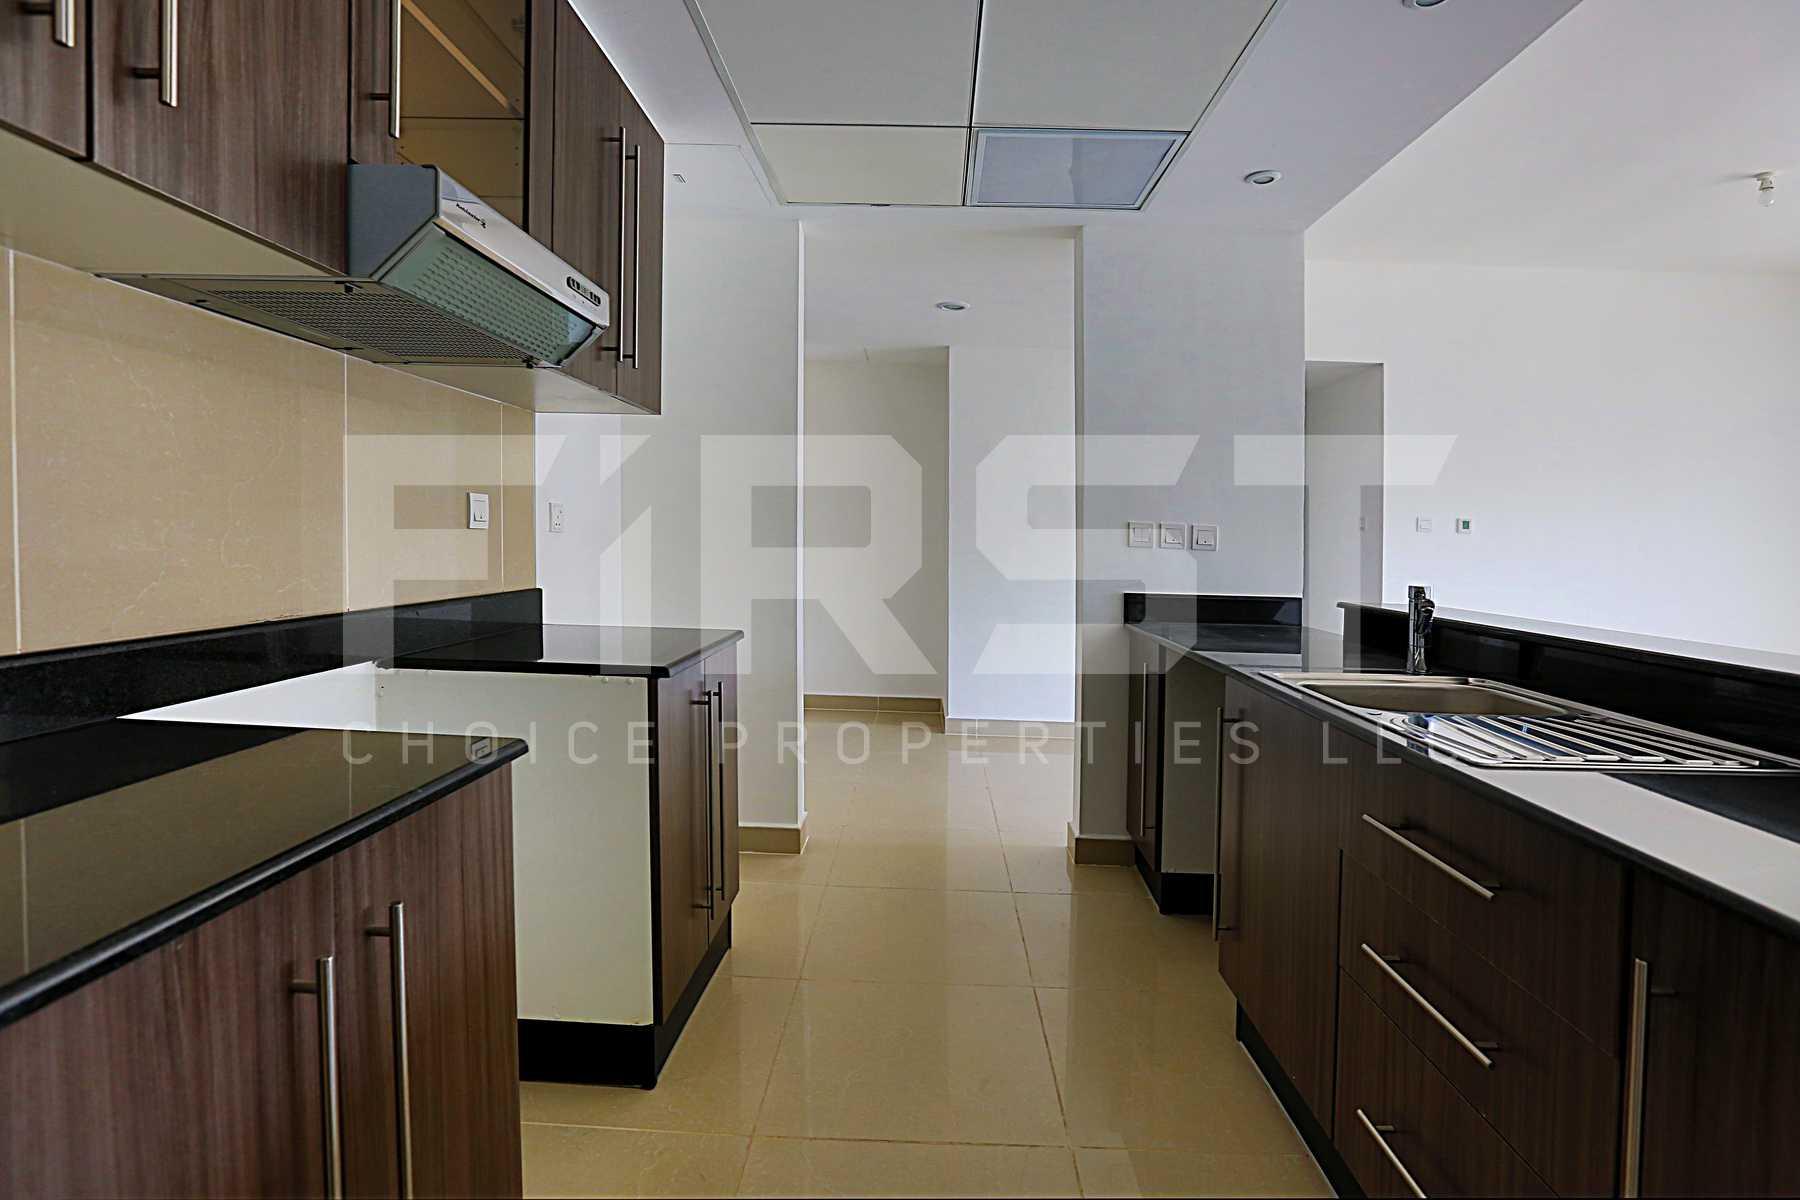 Internal Photo of 2 Bedroom Apartment Type B in Al Reef Downtown Al Reef Abu Dhabi UAE 114 sq.m 1227 (3).jpg